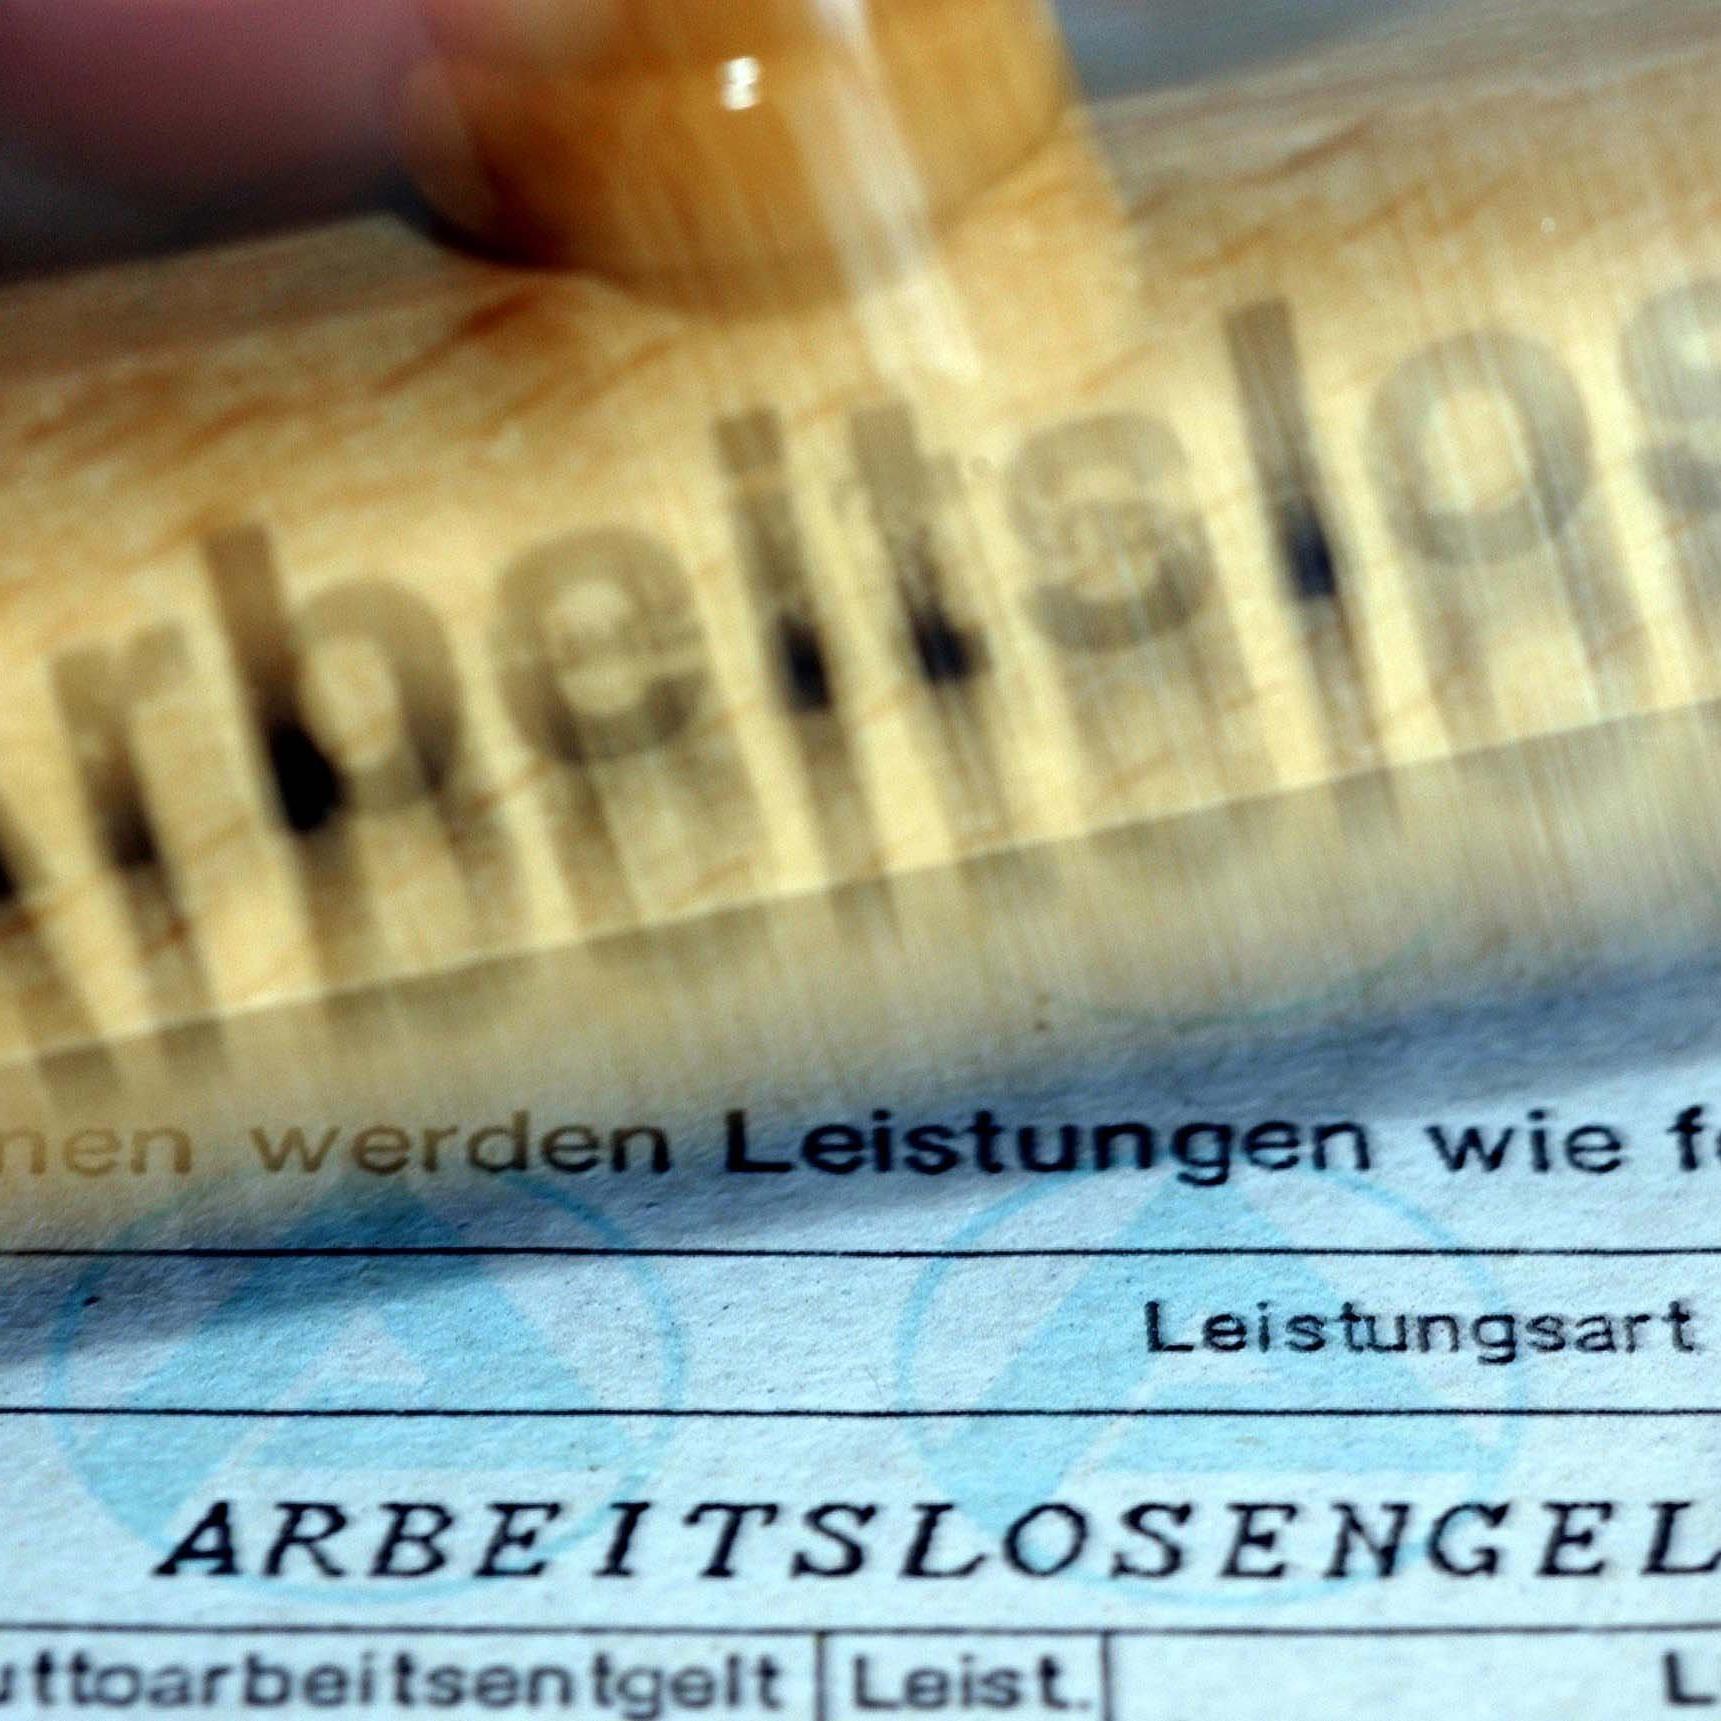 Die Arbeitslosenquote in Vorarlberg ist im Vergleich zum Vorjahr um 0,2 Prozent gesunken.